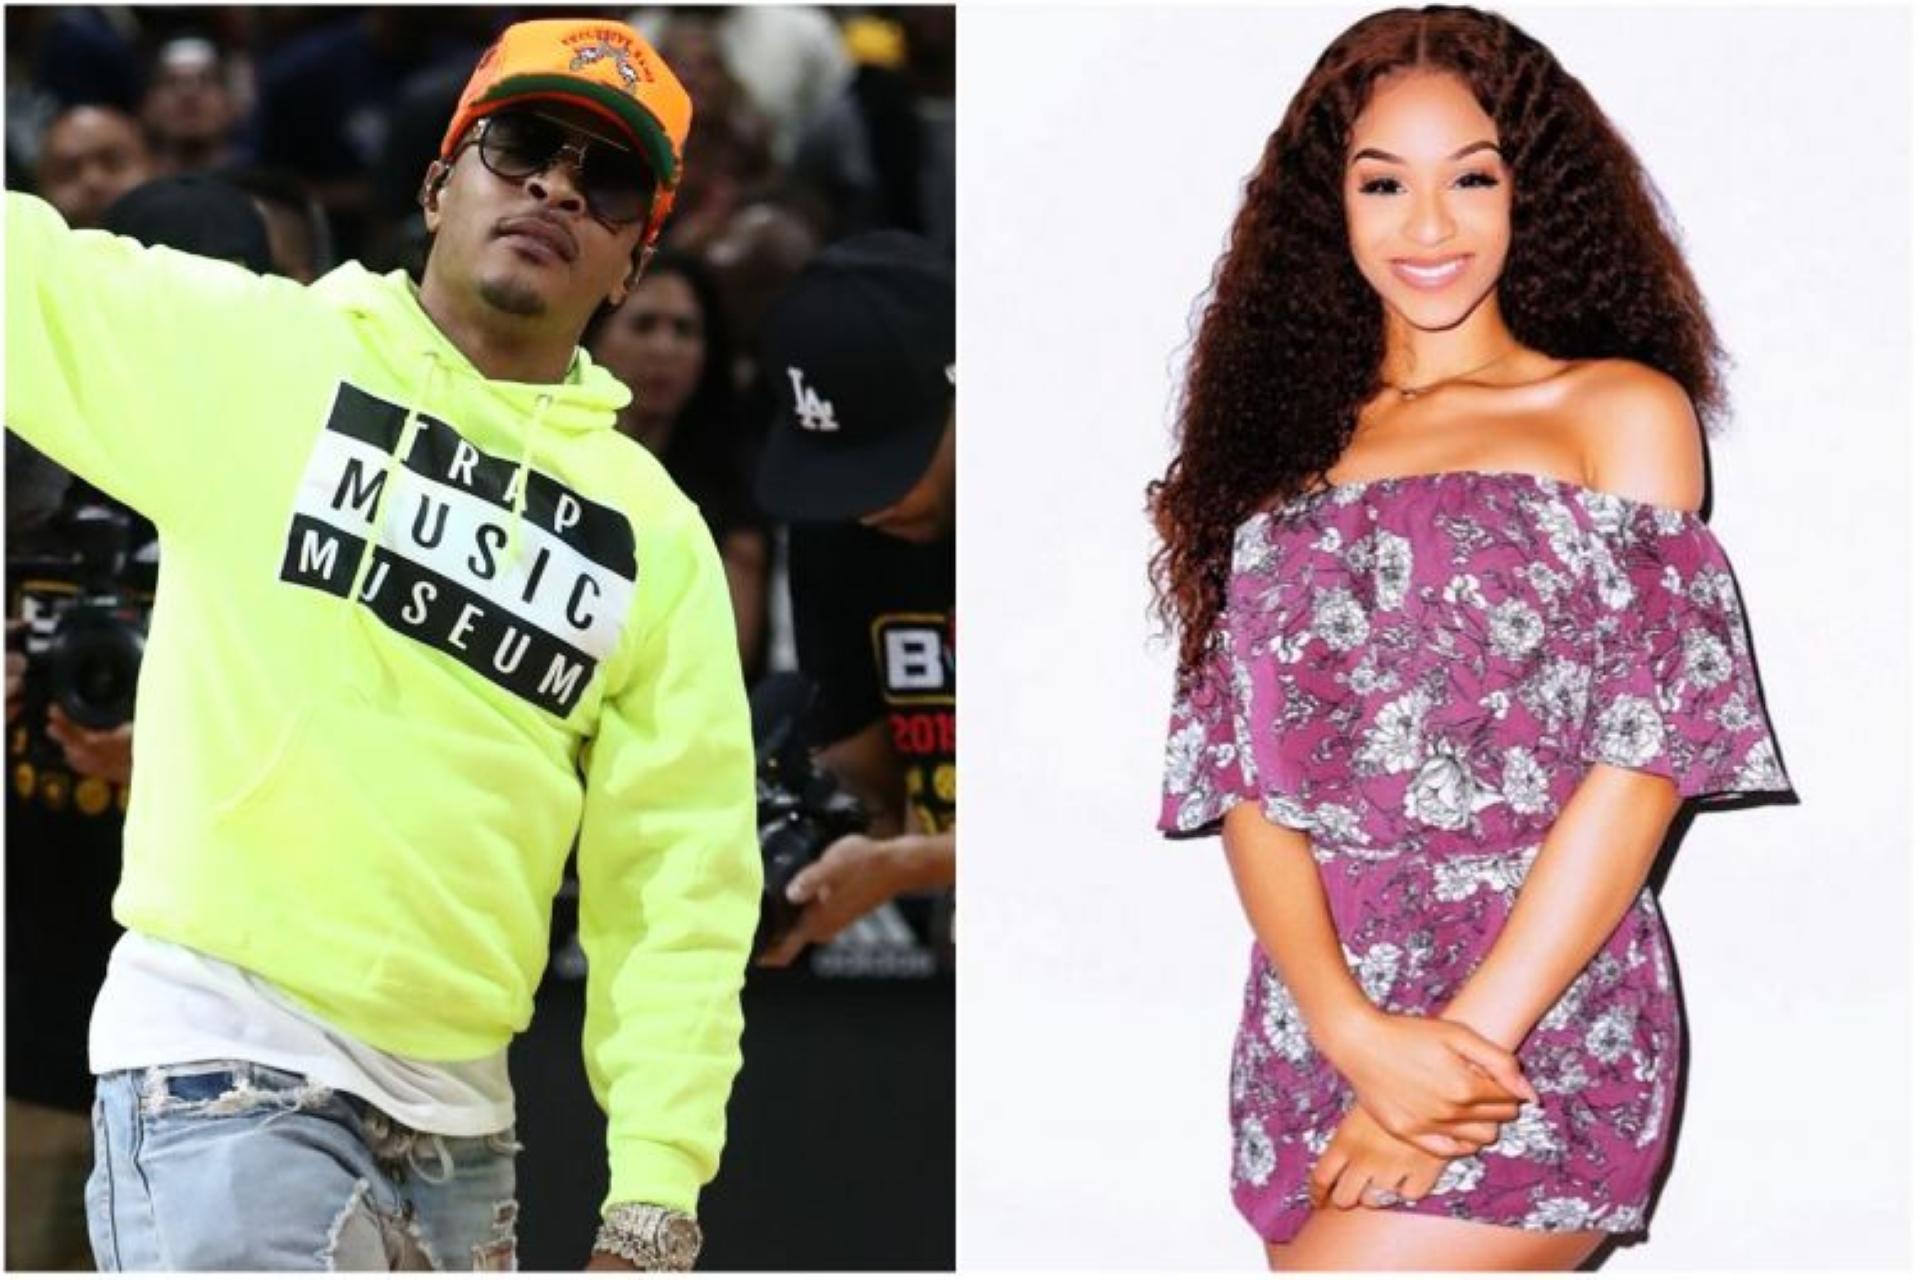 T.I,. rapper americano, é criticado por fazer teste de virgindade em filha, Dyjah Imani Harris (Foto: Reprodução)